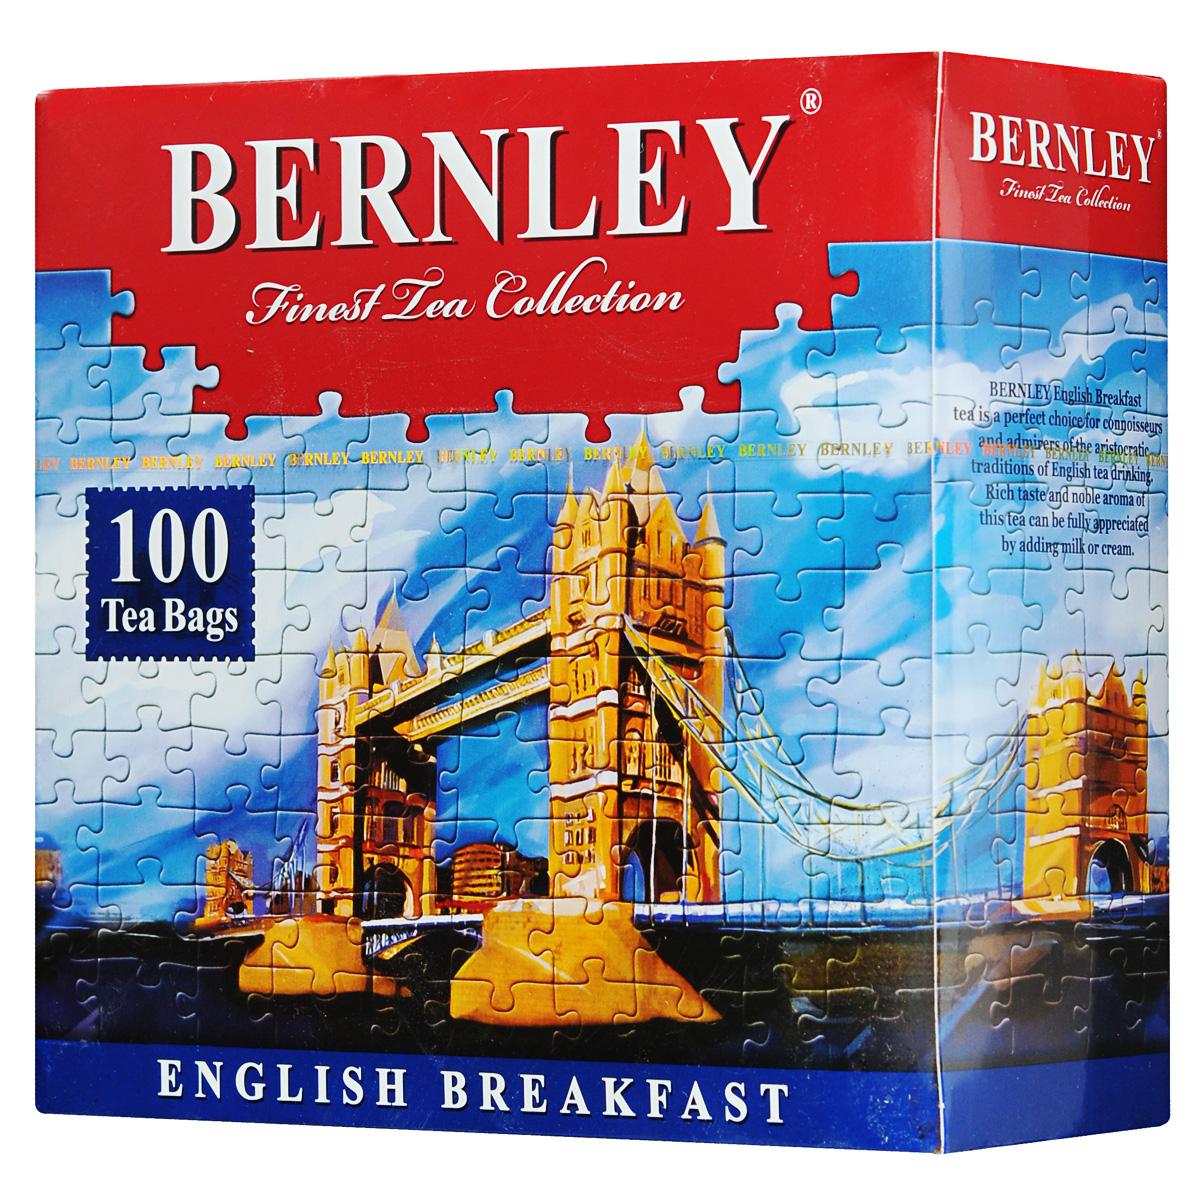 Bernley English Breakfast черный чай в пакетиках, 100 шт1070015Bernley English Breakfast - высокогорный черный чай для традиционного английского чаепития. Крепкий чай темно-красного цвета с богатым, насыщенным, невероятно свежим и мощным вкусом, характерным неповторимым ароматом и тонкими фруктовыми нотками в длительном и сочном послевкусии.